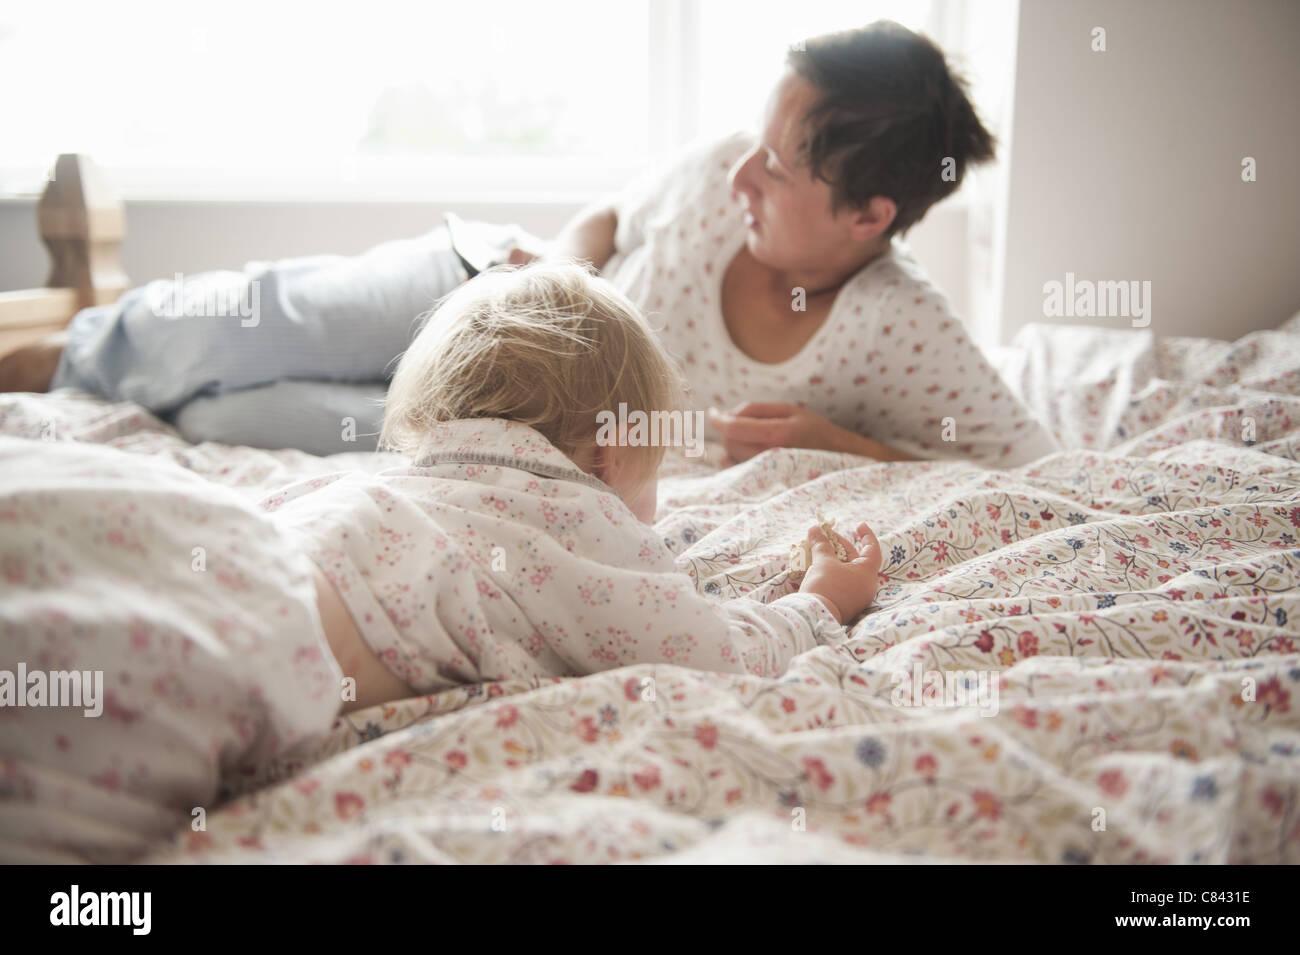 Toddler rapariga sentada com a mãe na cama Imagens de Stock